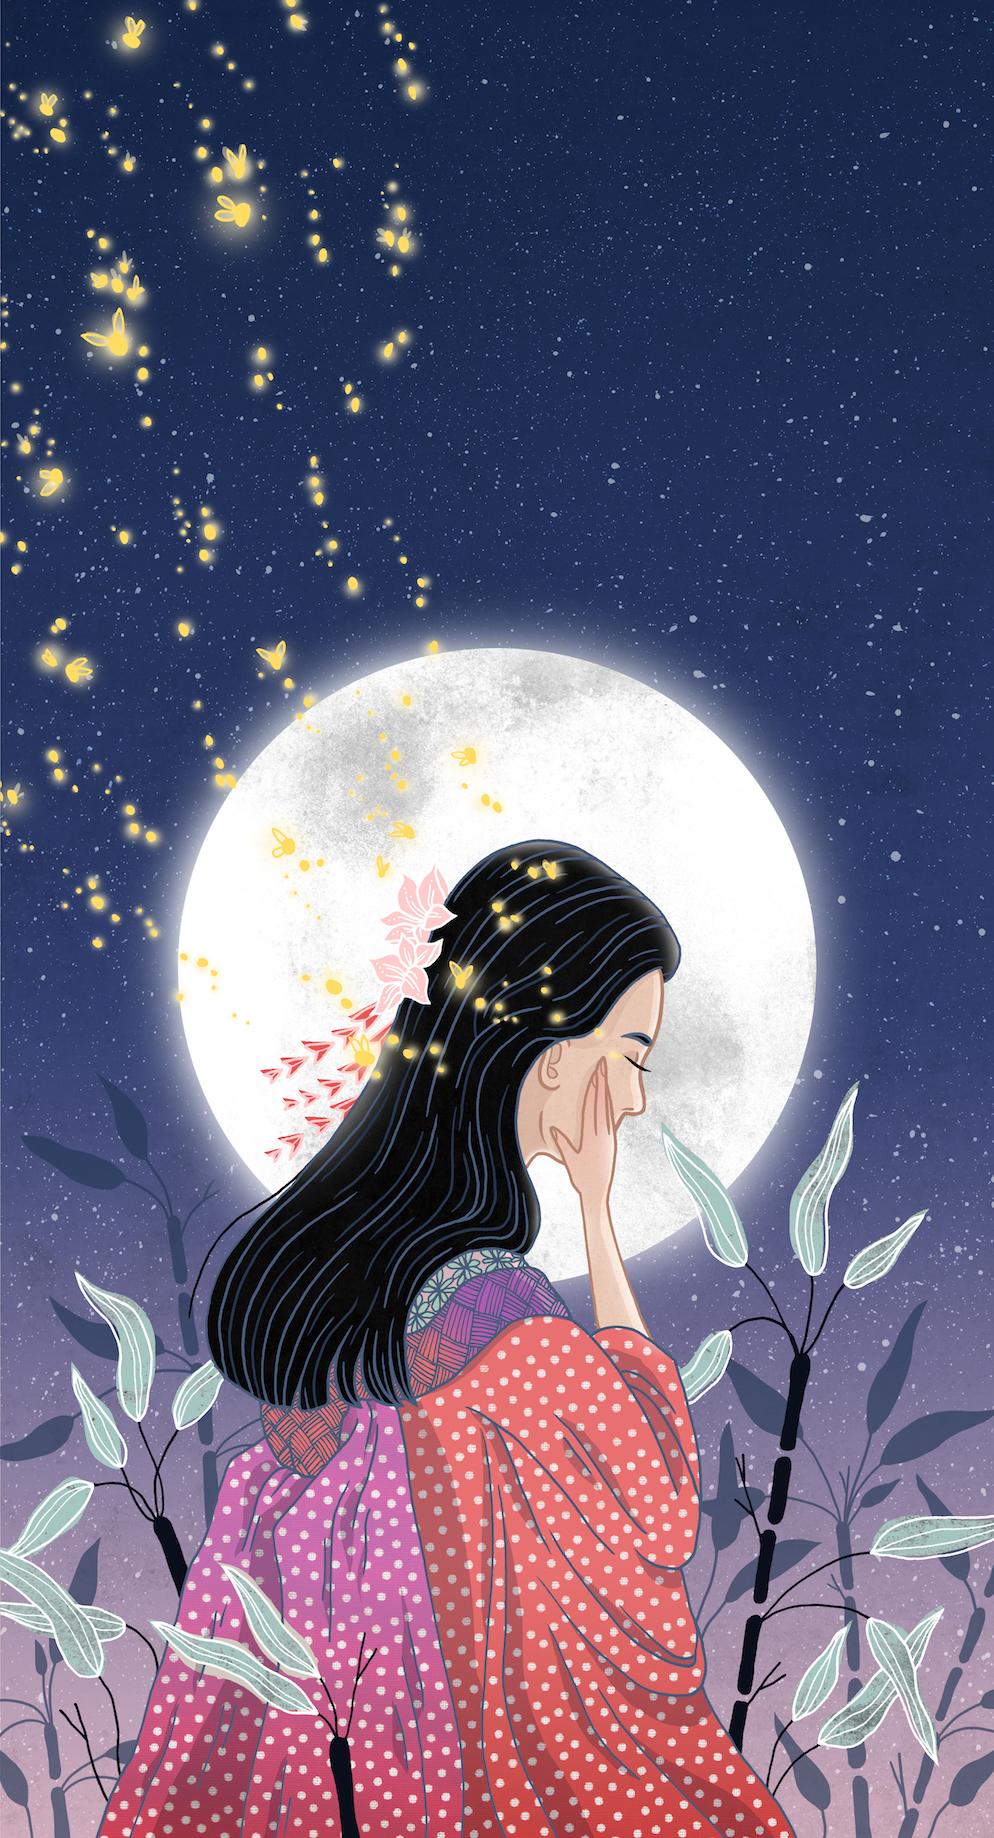 12 - Moonlight Geisha.jpg